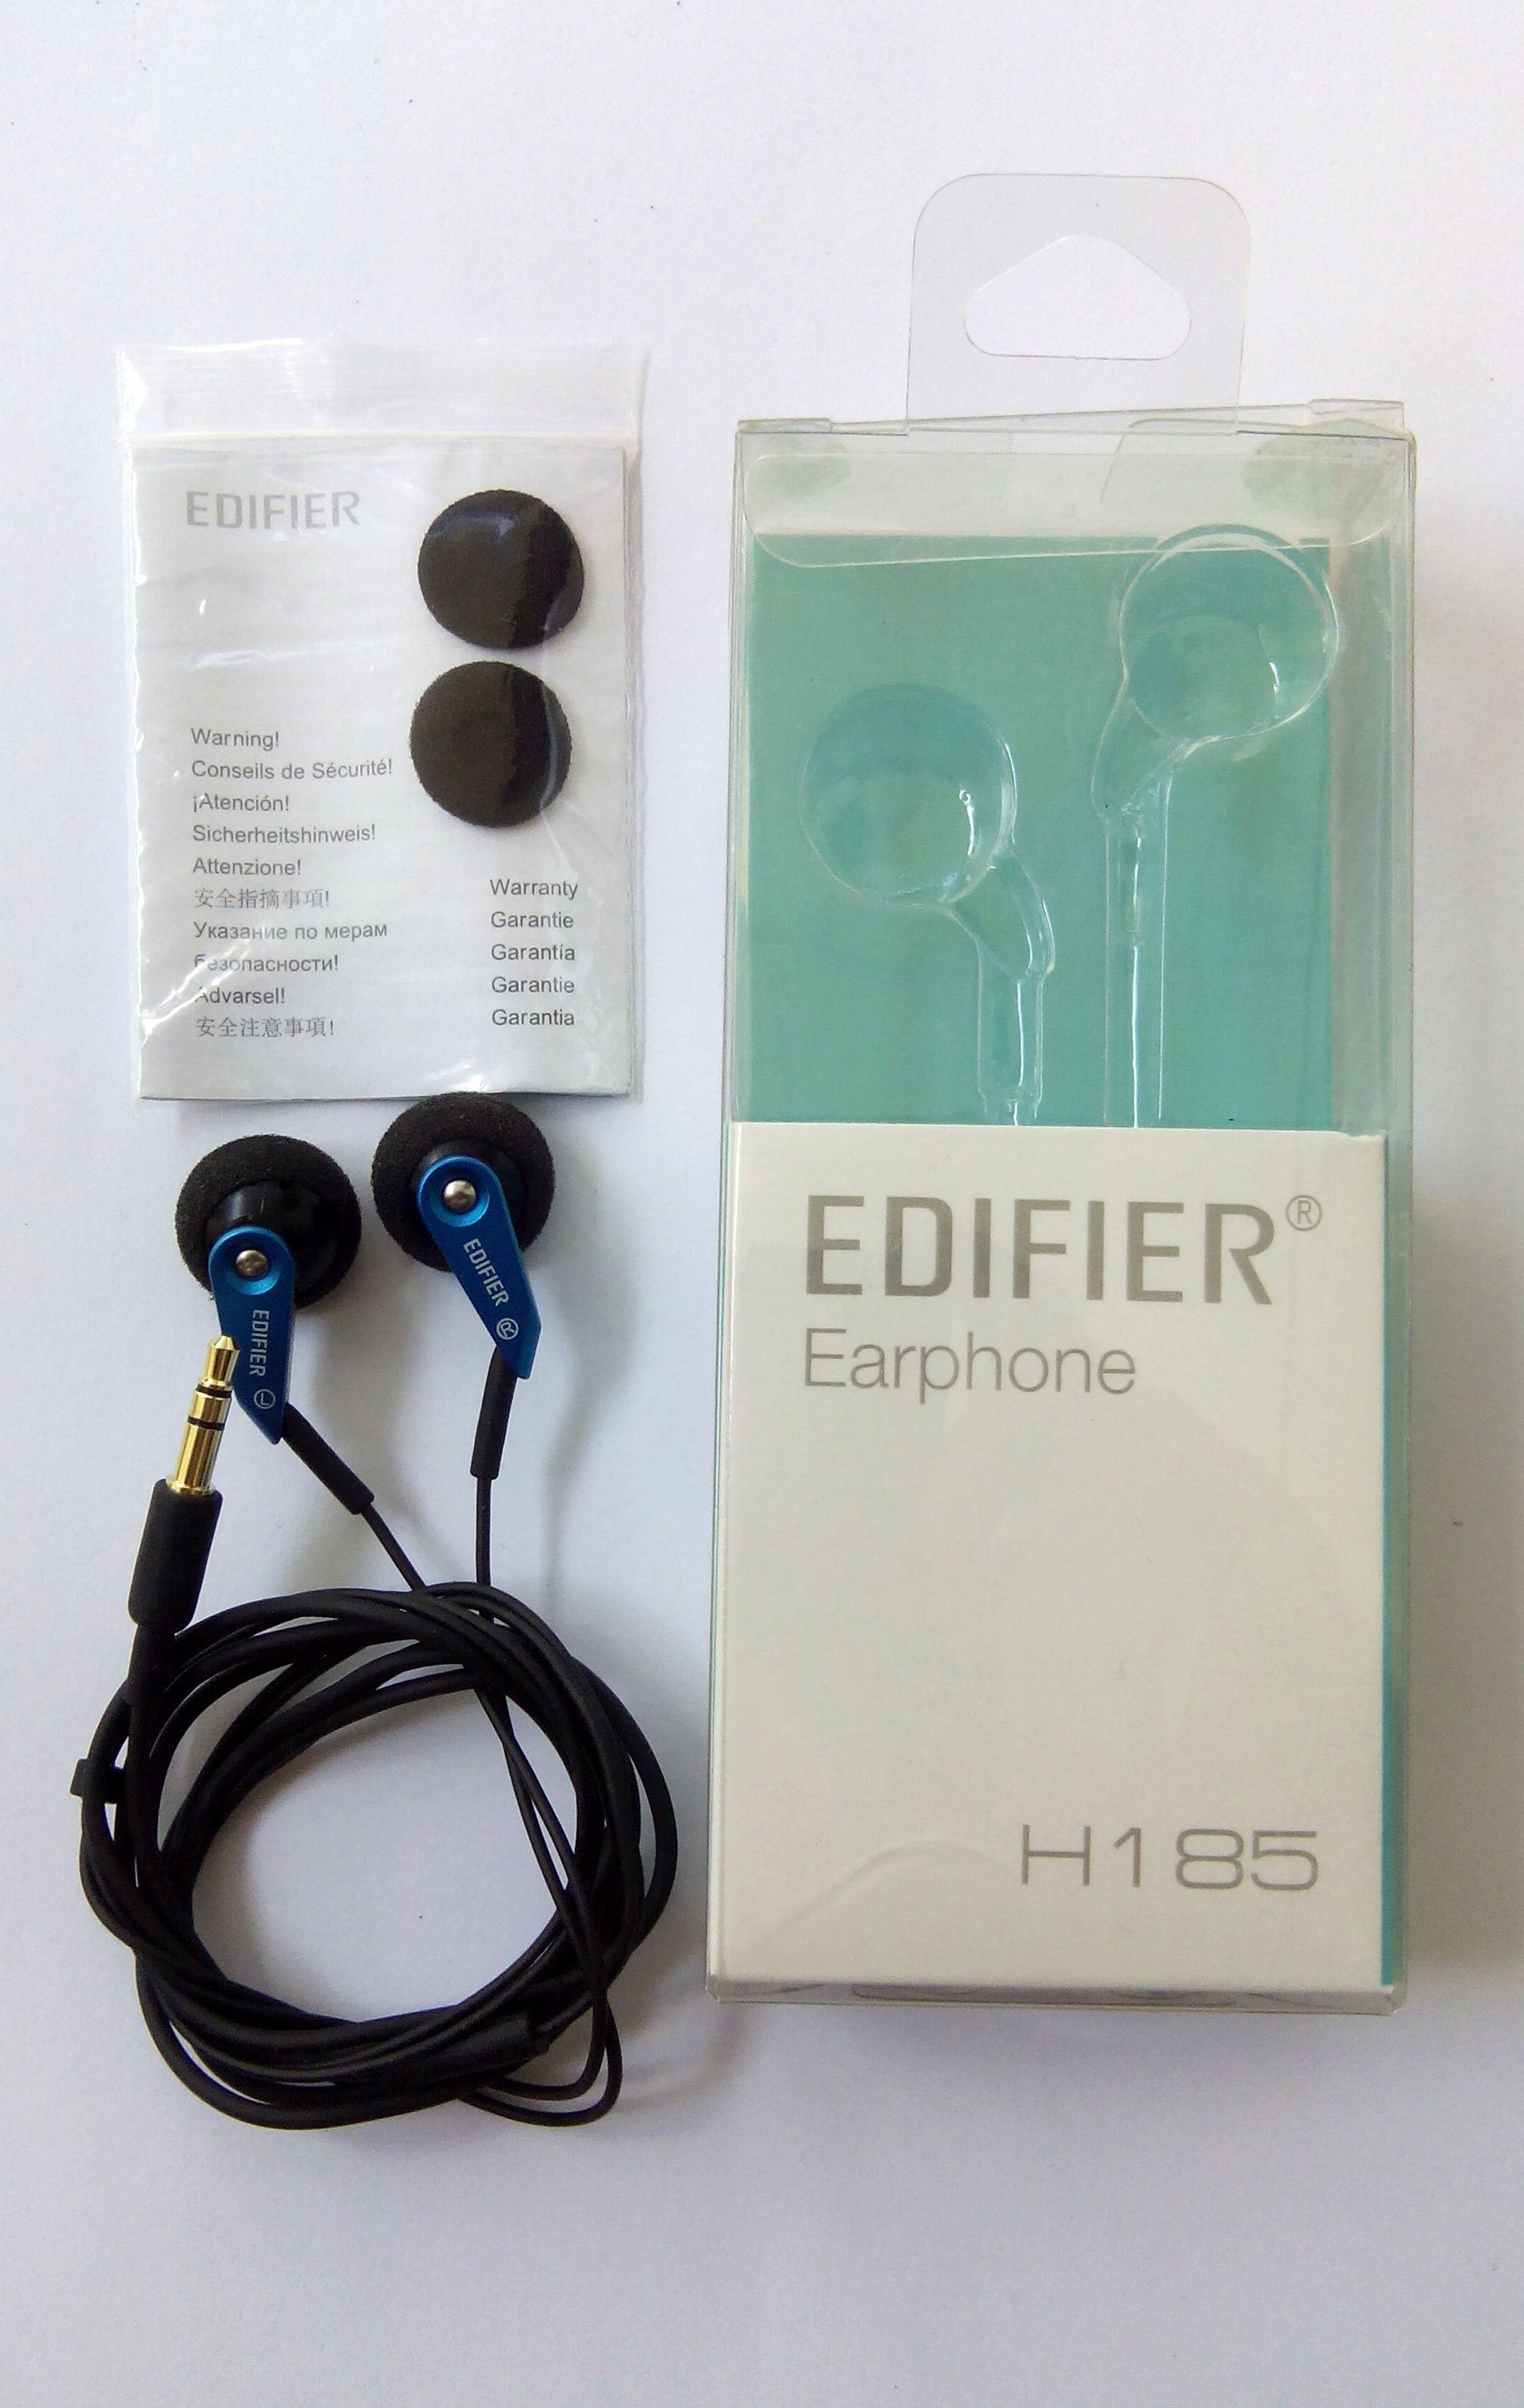 Unboxing Edifier H185